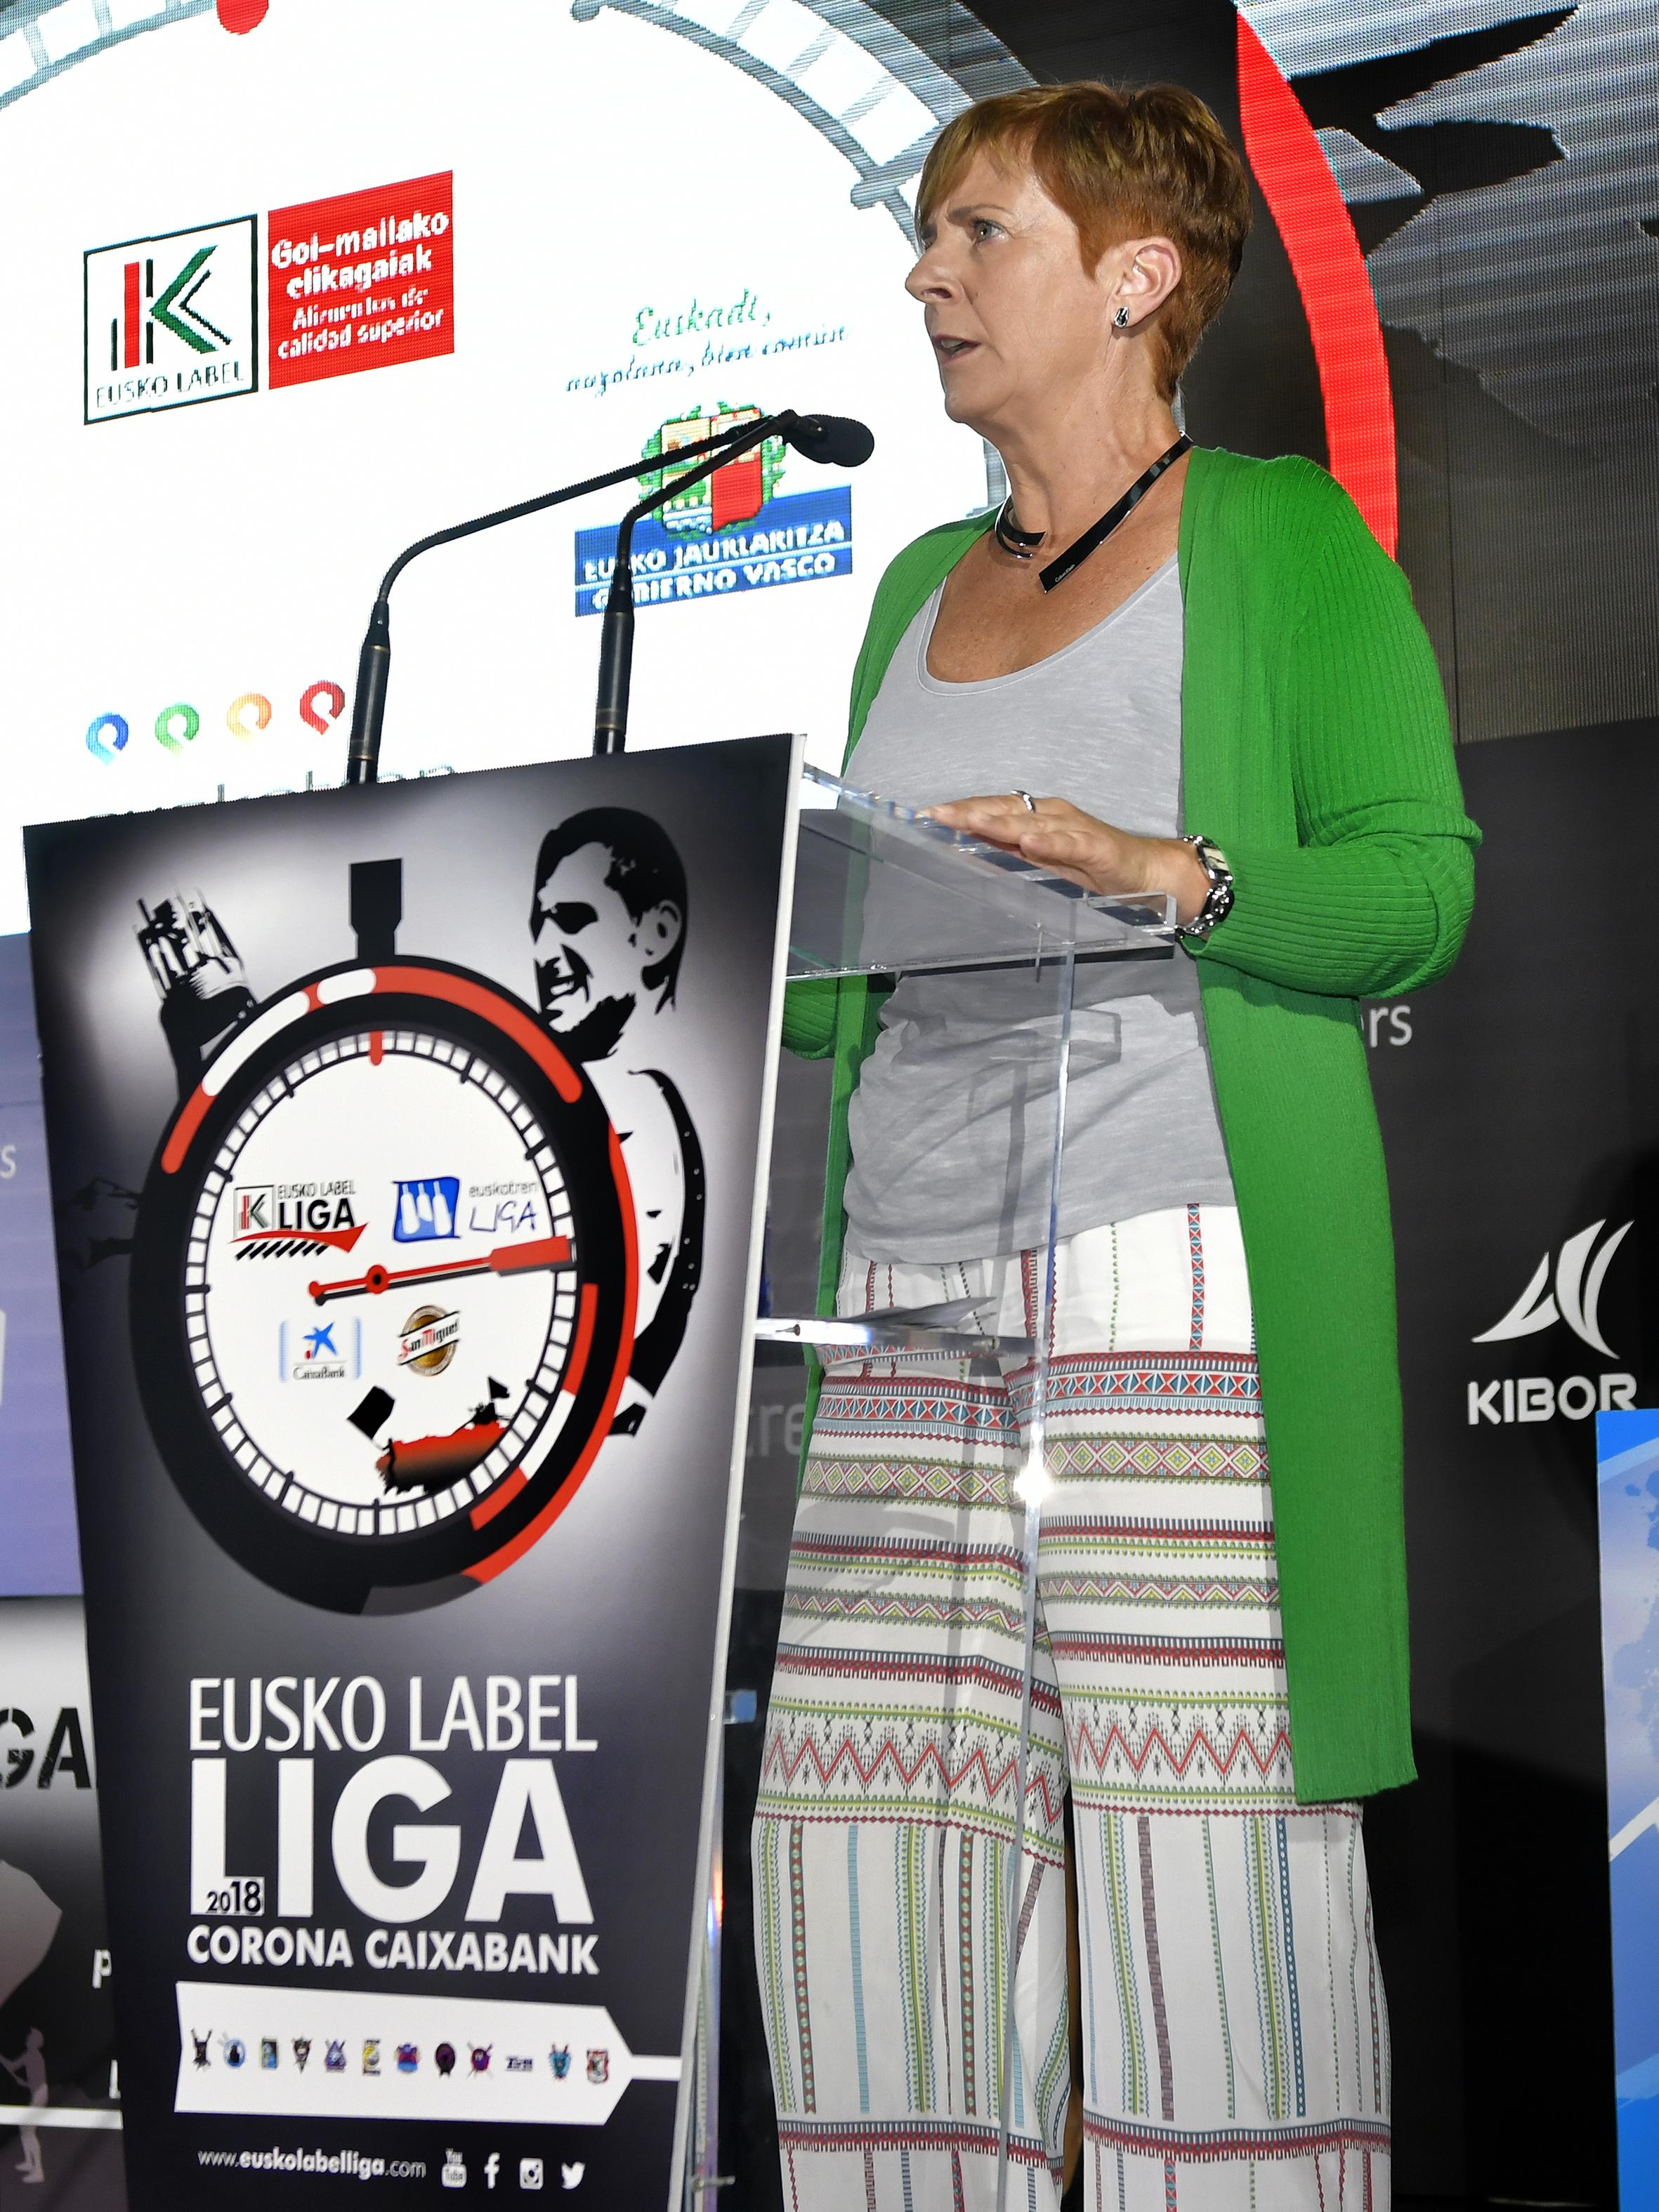 Liga_Euskotren_eta_Euskolabel_22.jpg